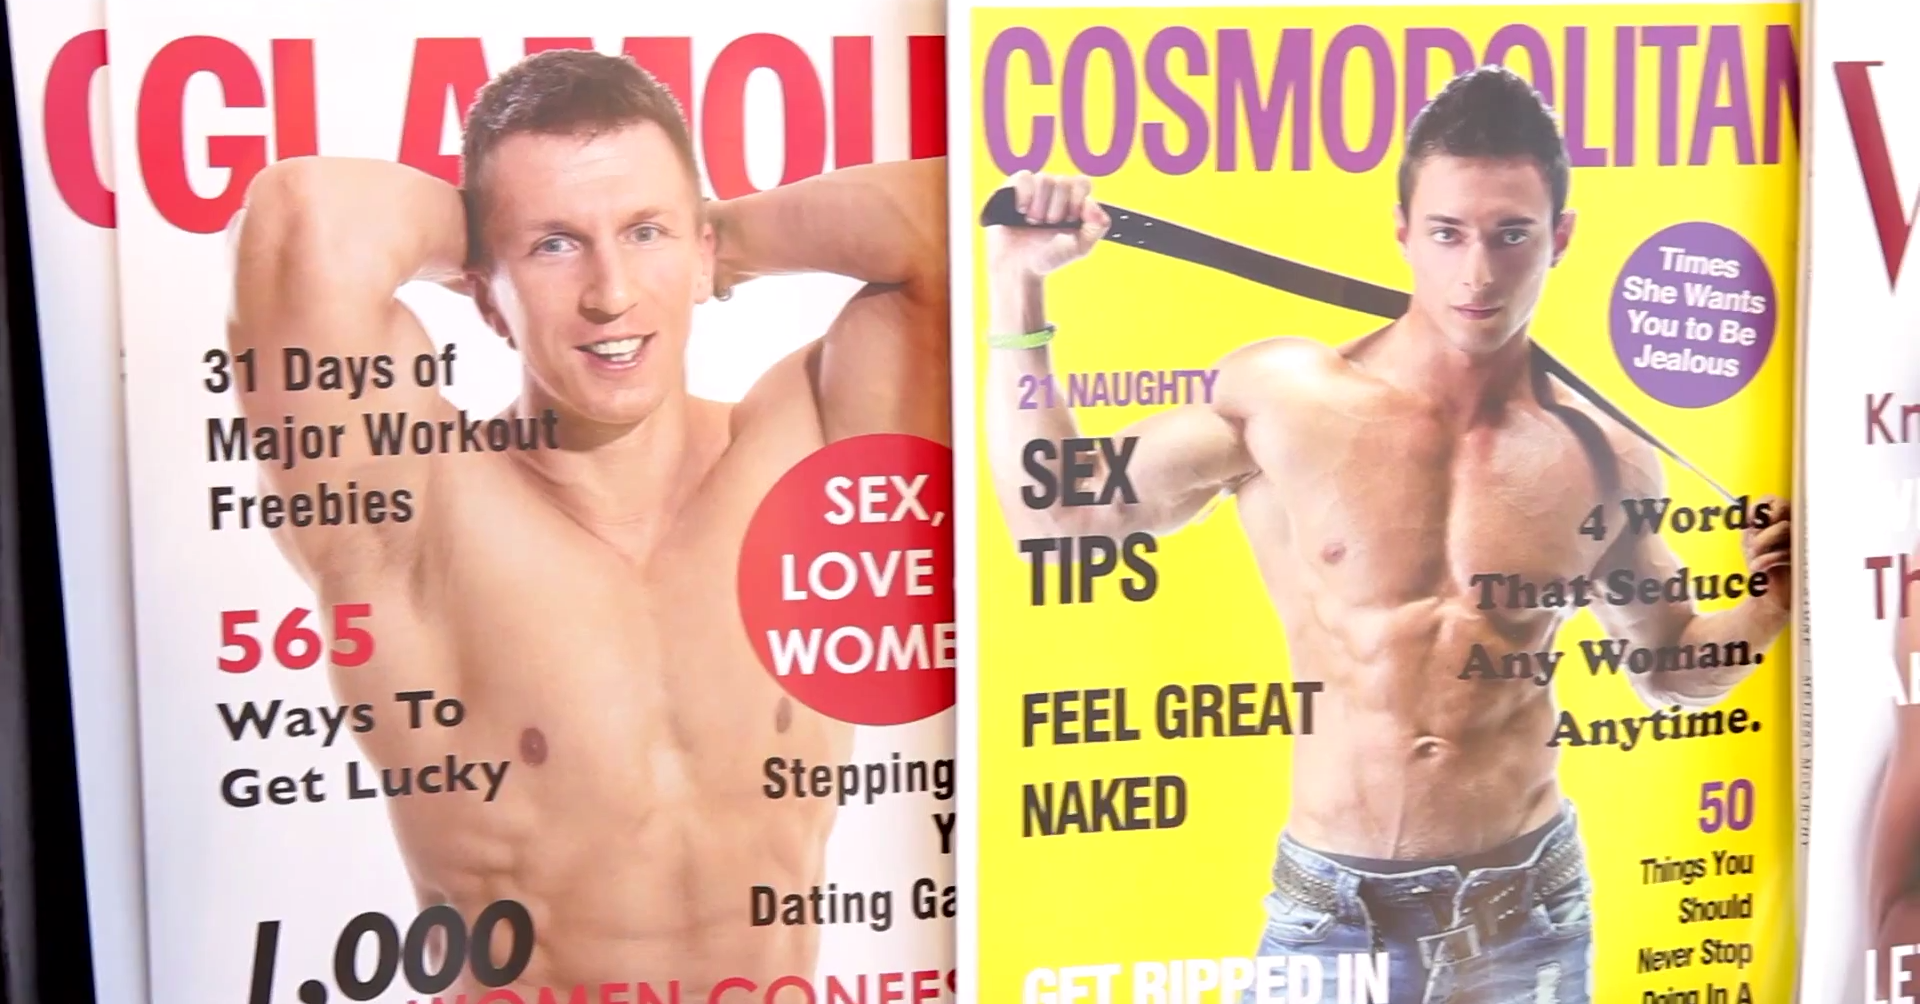 Buzzfeed Cosmo Dating Tipssubreddit dating råd